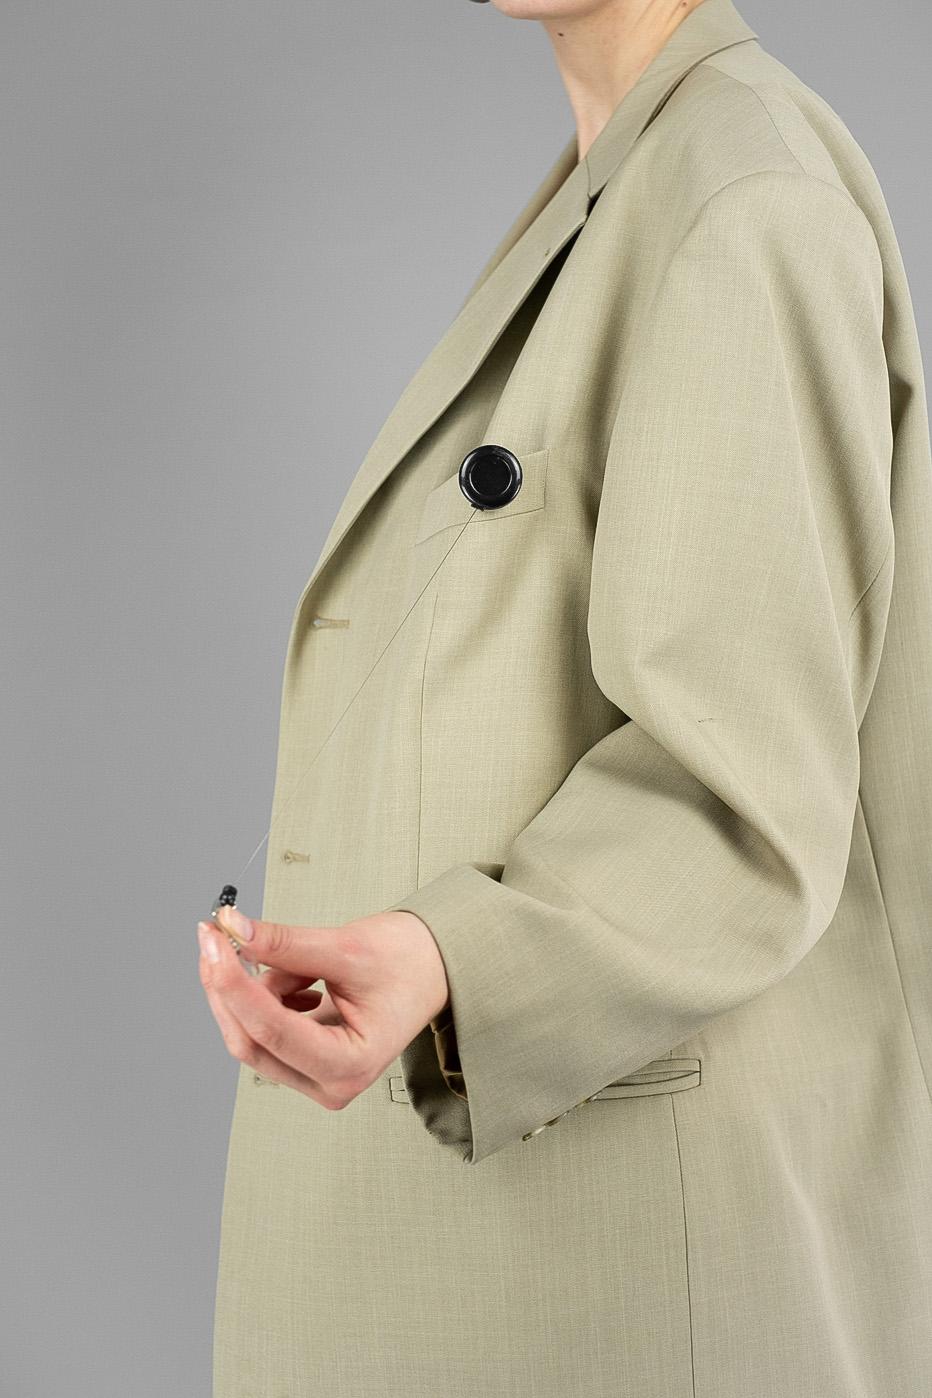 Odd Gig Jacket 3